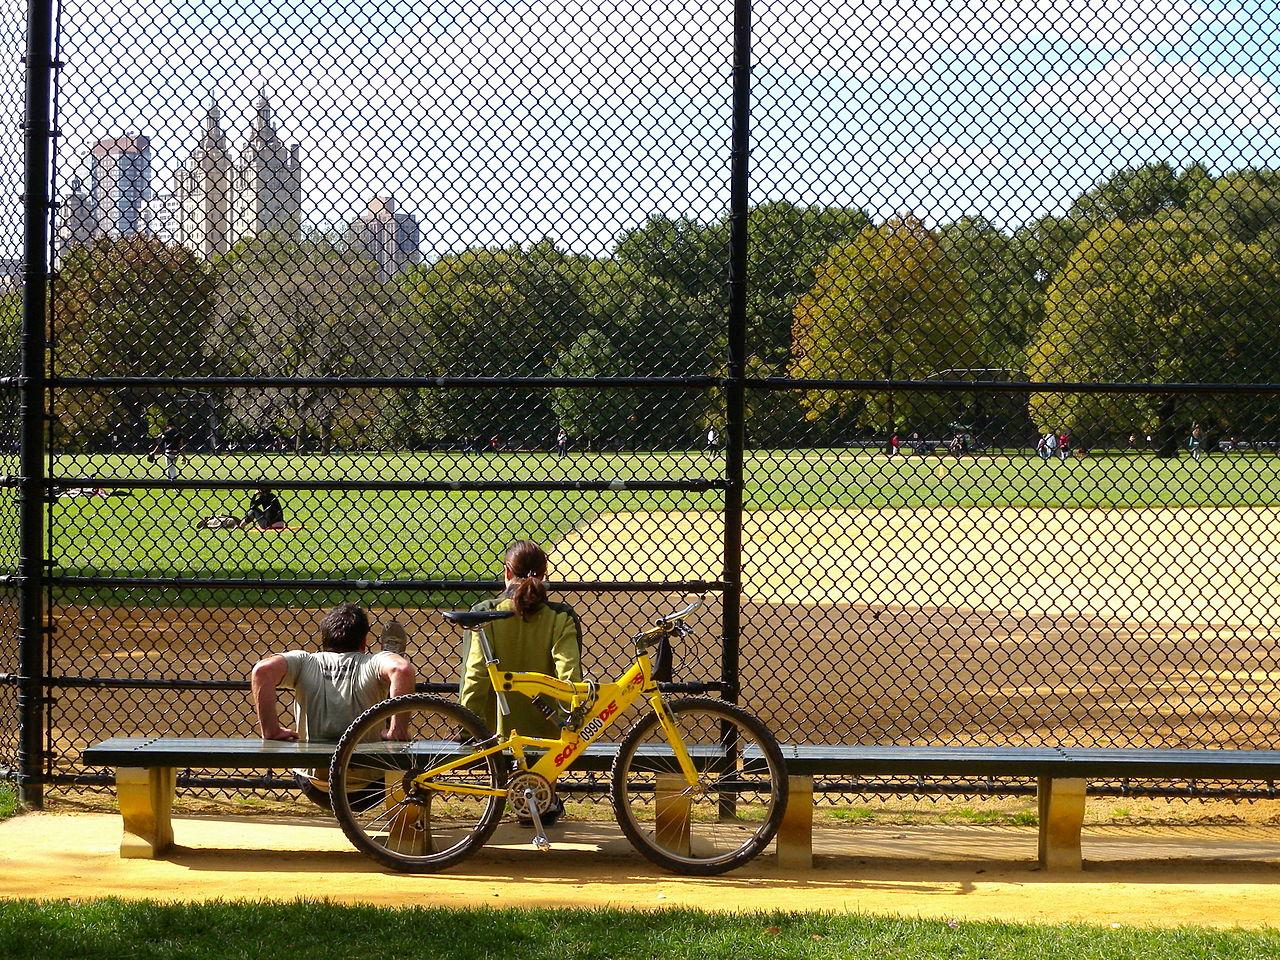 Центральный парк Нью-Йорка, бейсбольное поле